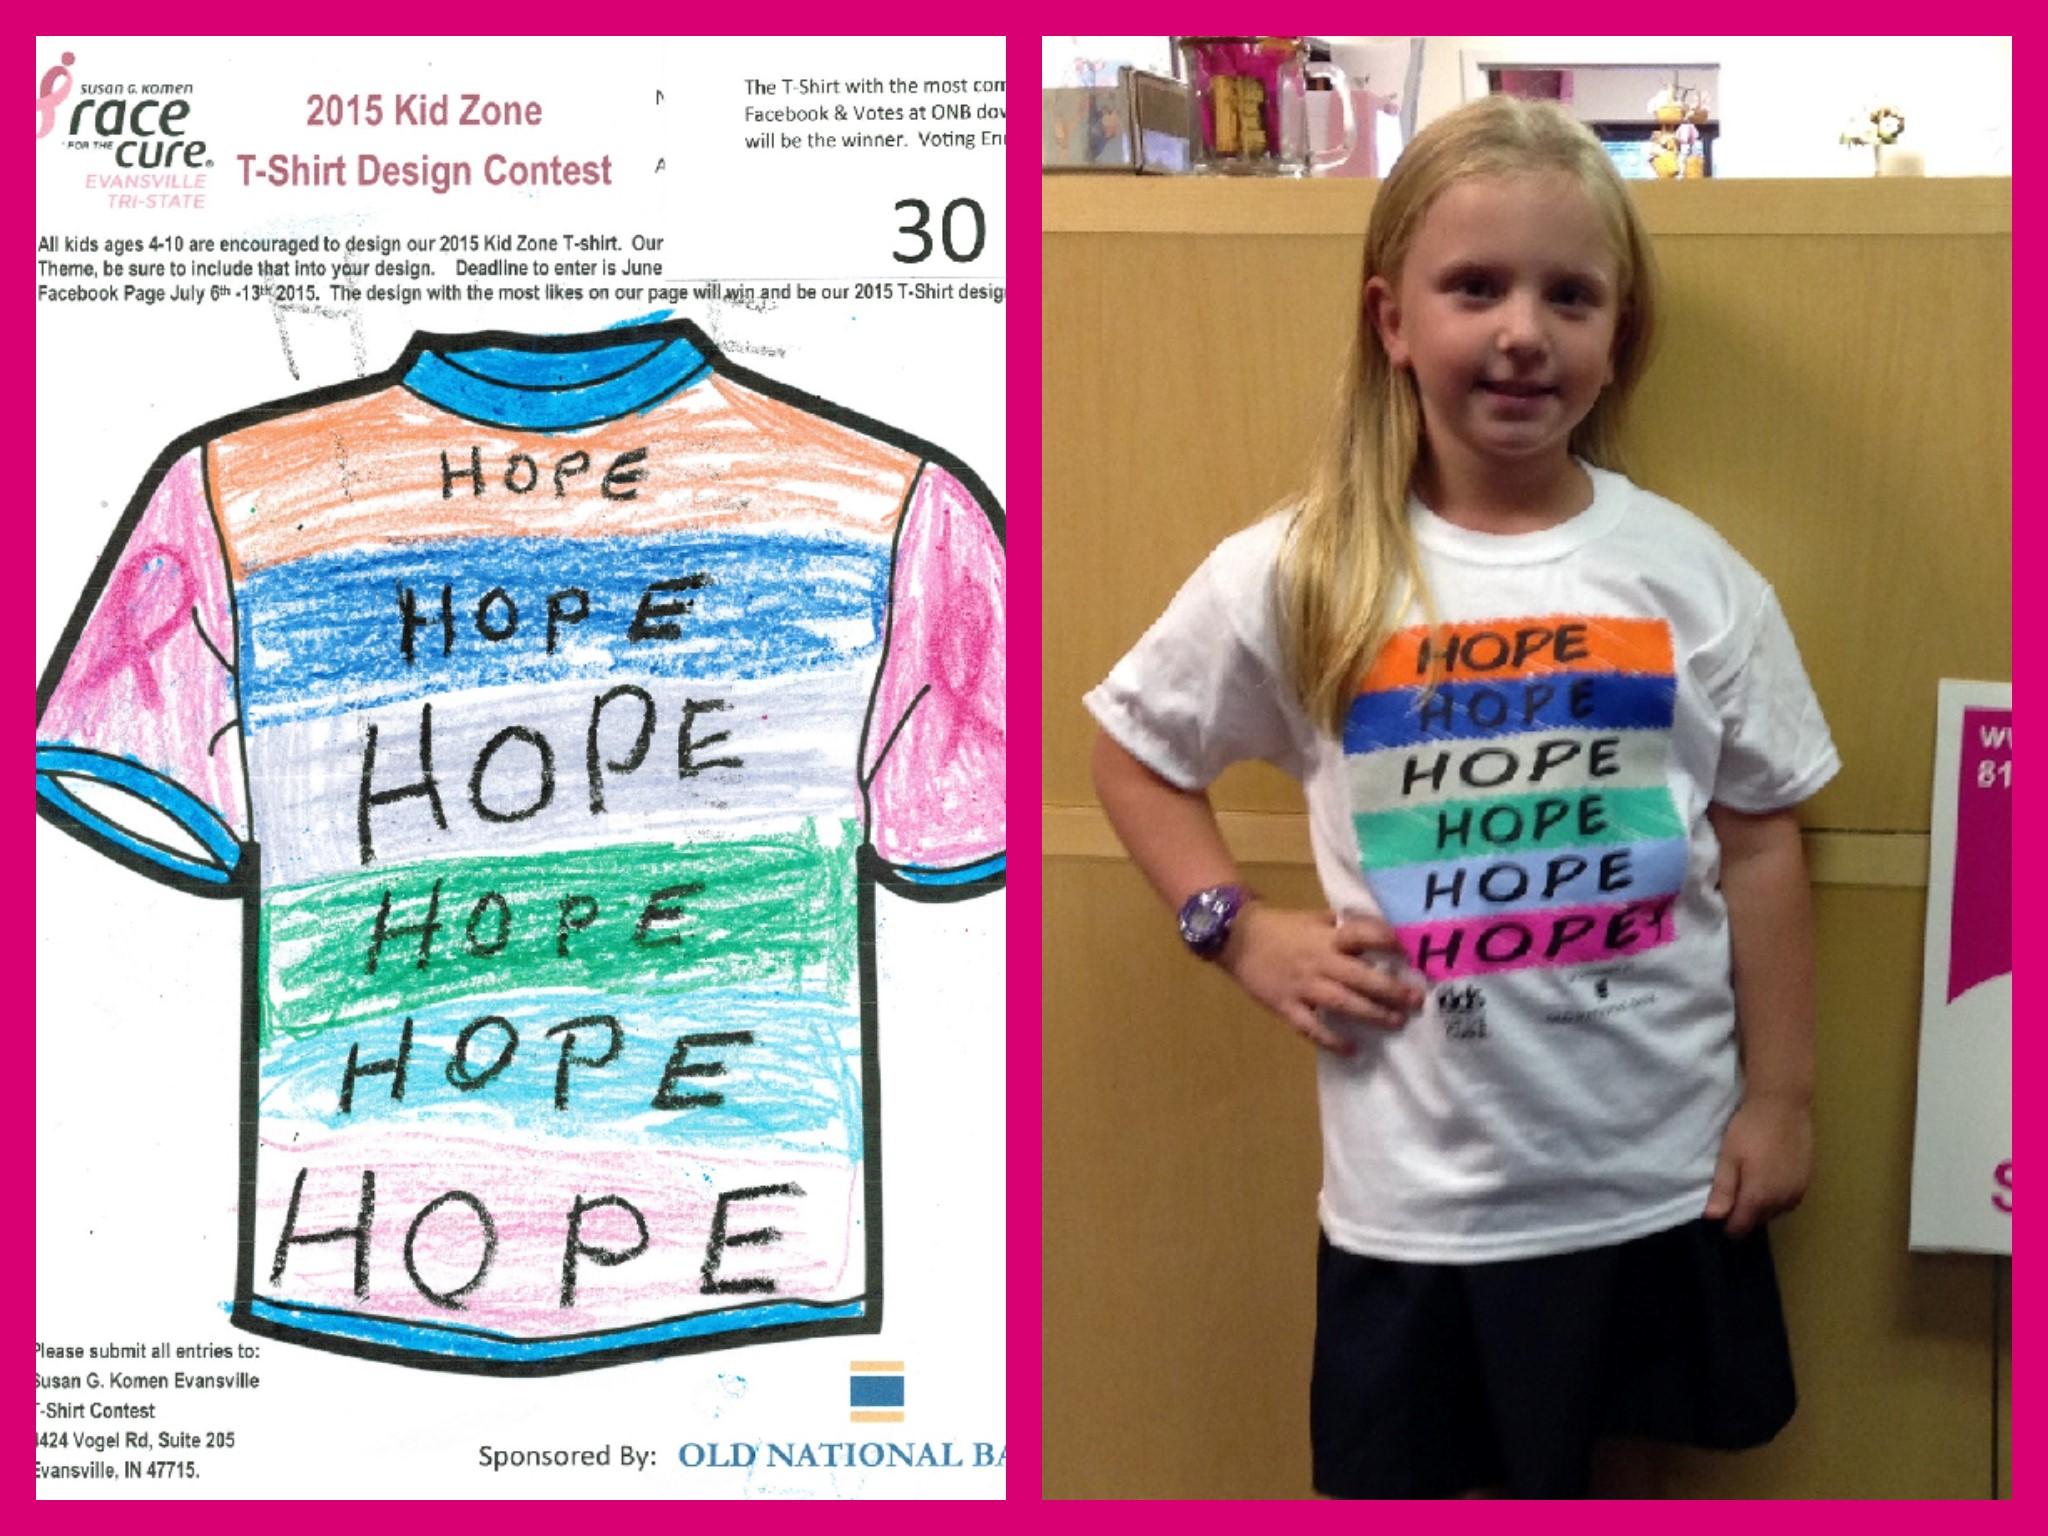 2016 Kid Zone T Shirt Design Contest Susan G Komen Evansville Tri